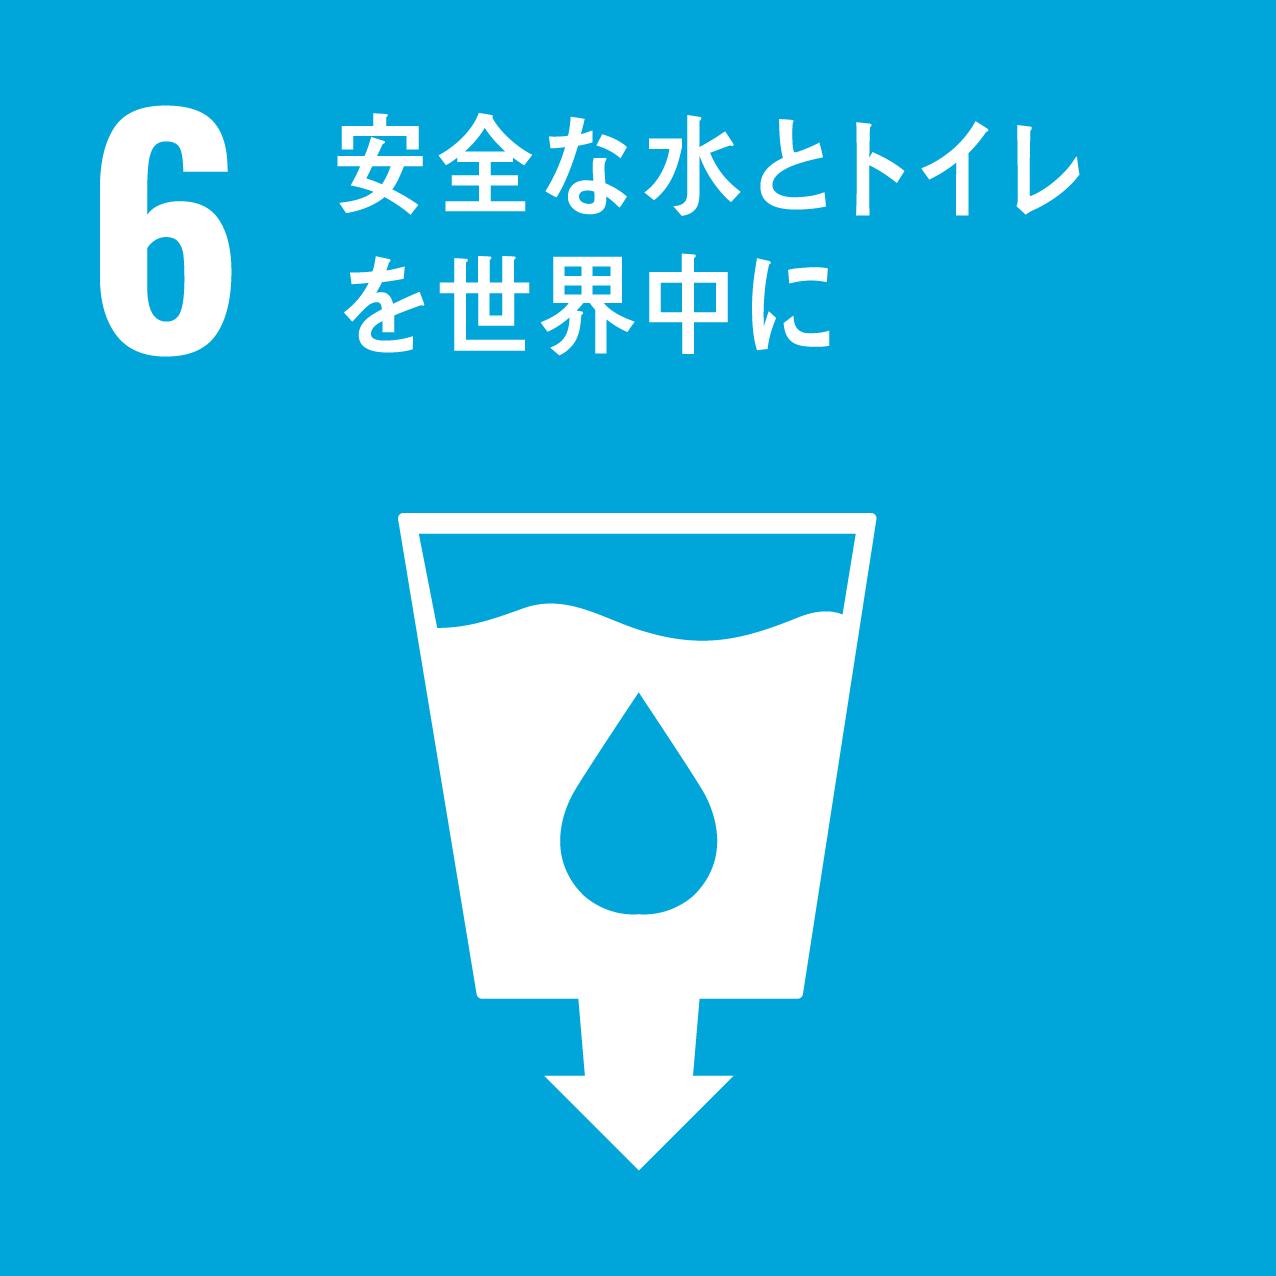 6: 安全な水とトイレをみんなに